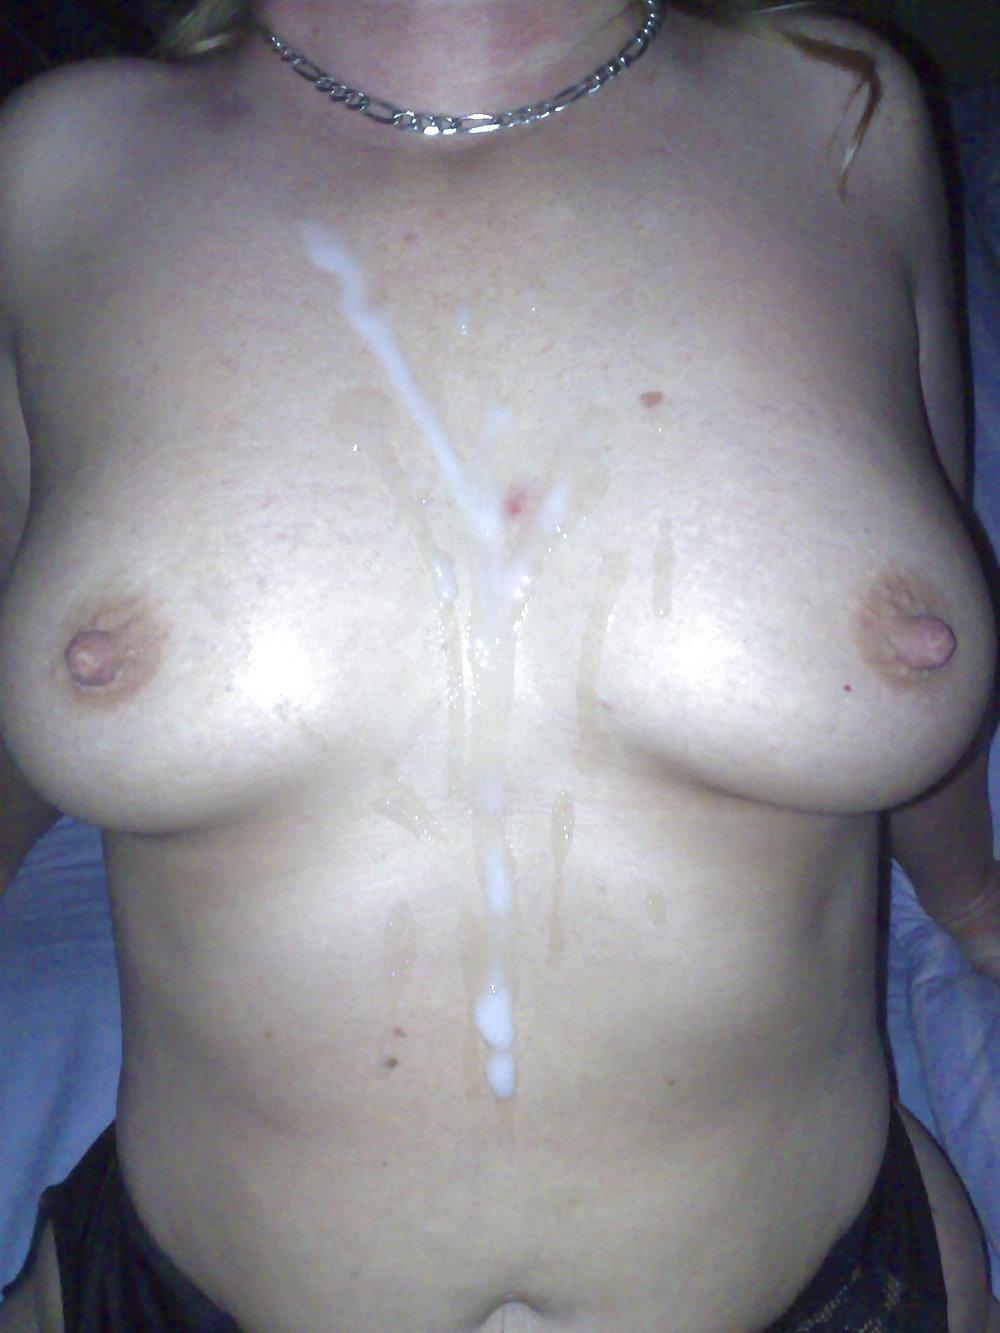 сперма на груди частное - 3